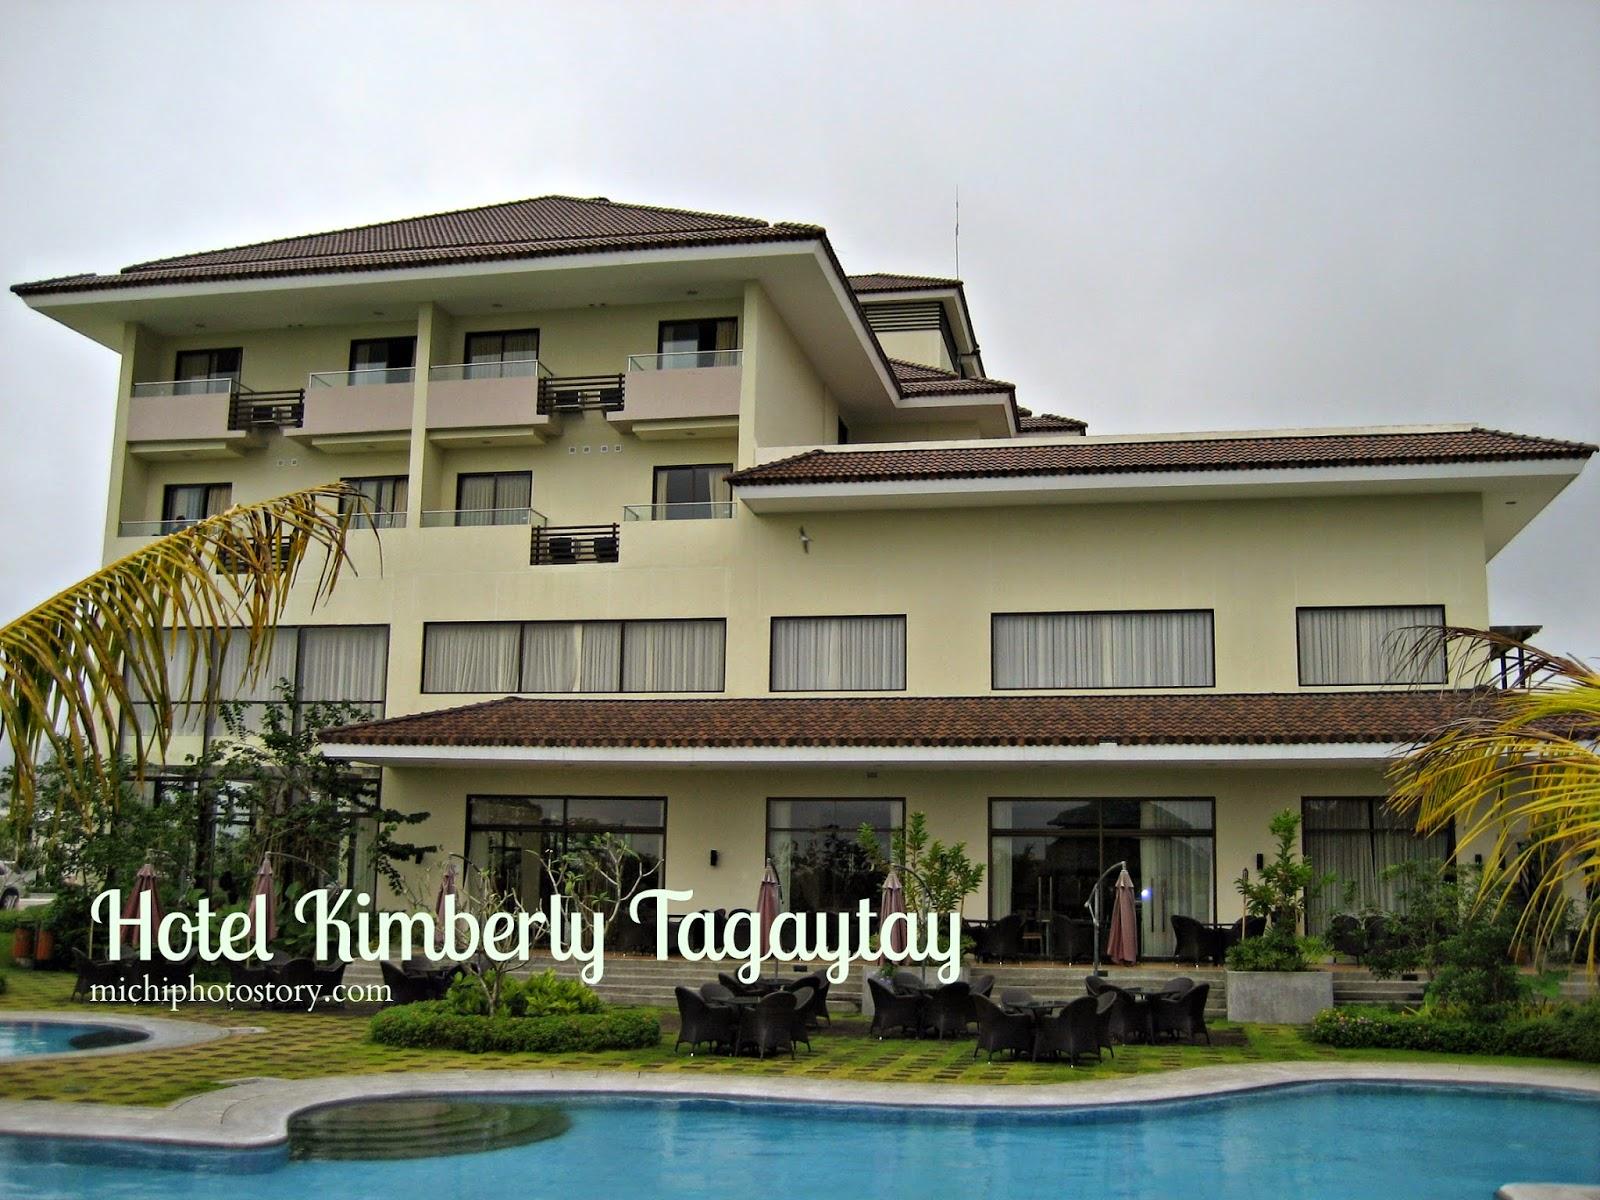 Hotel Kimberly Tagaytay Room Rates